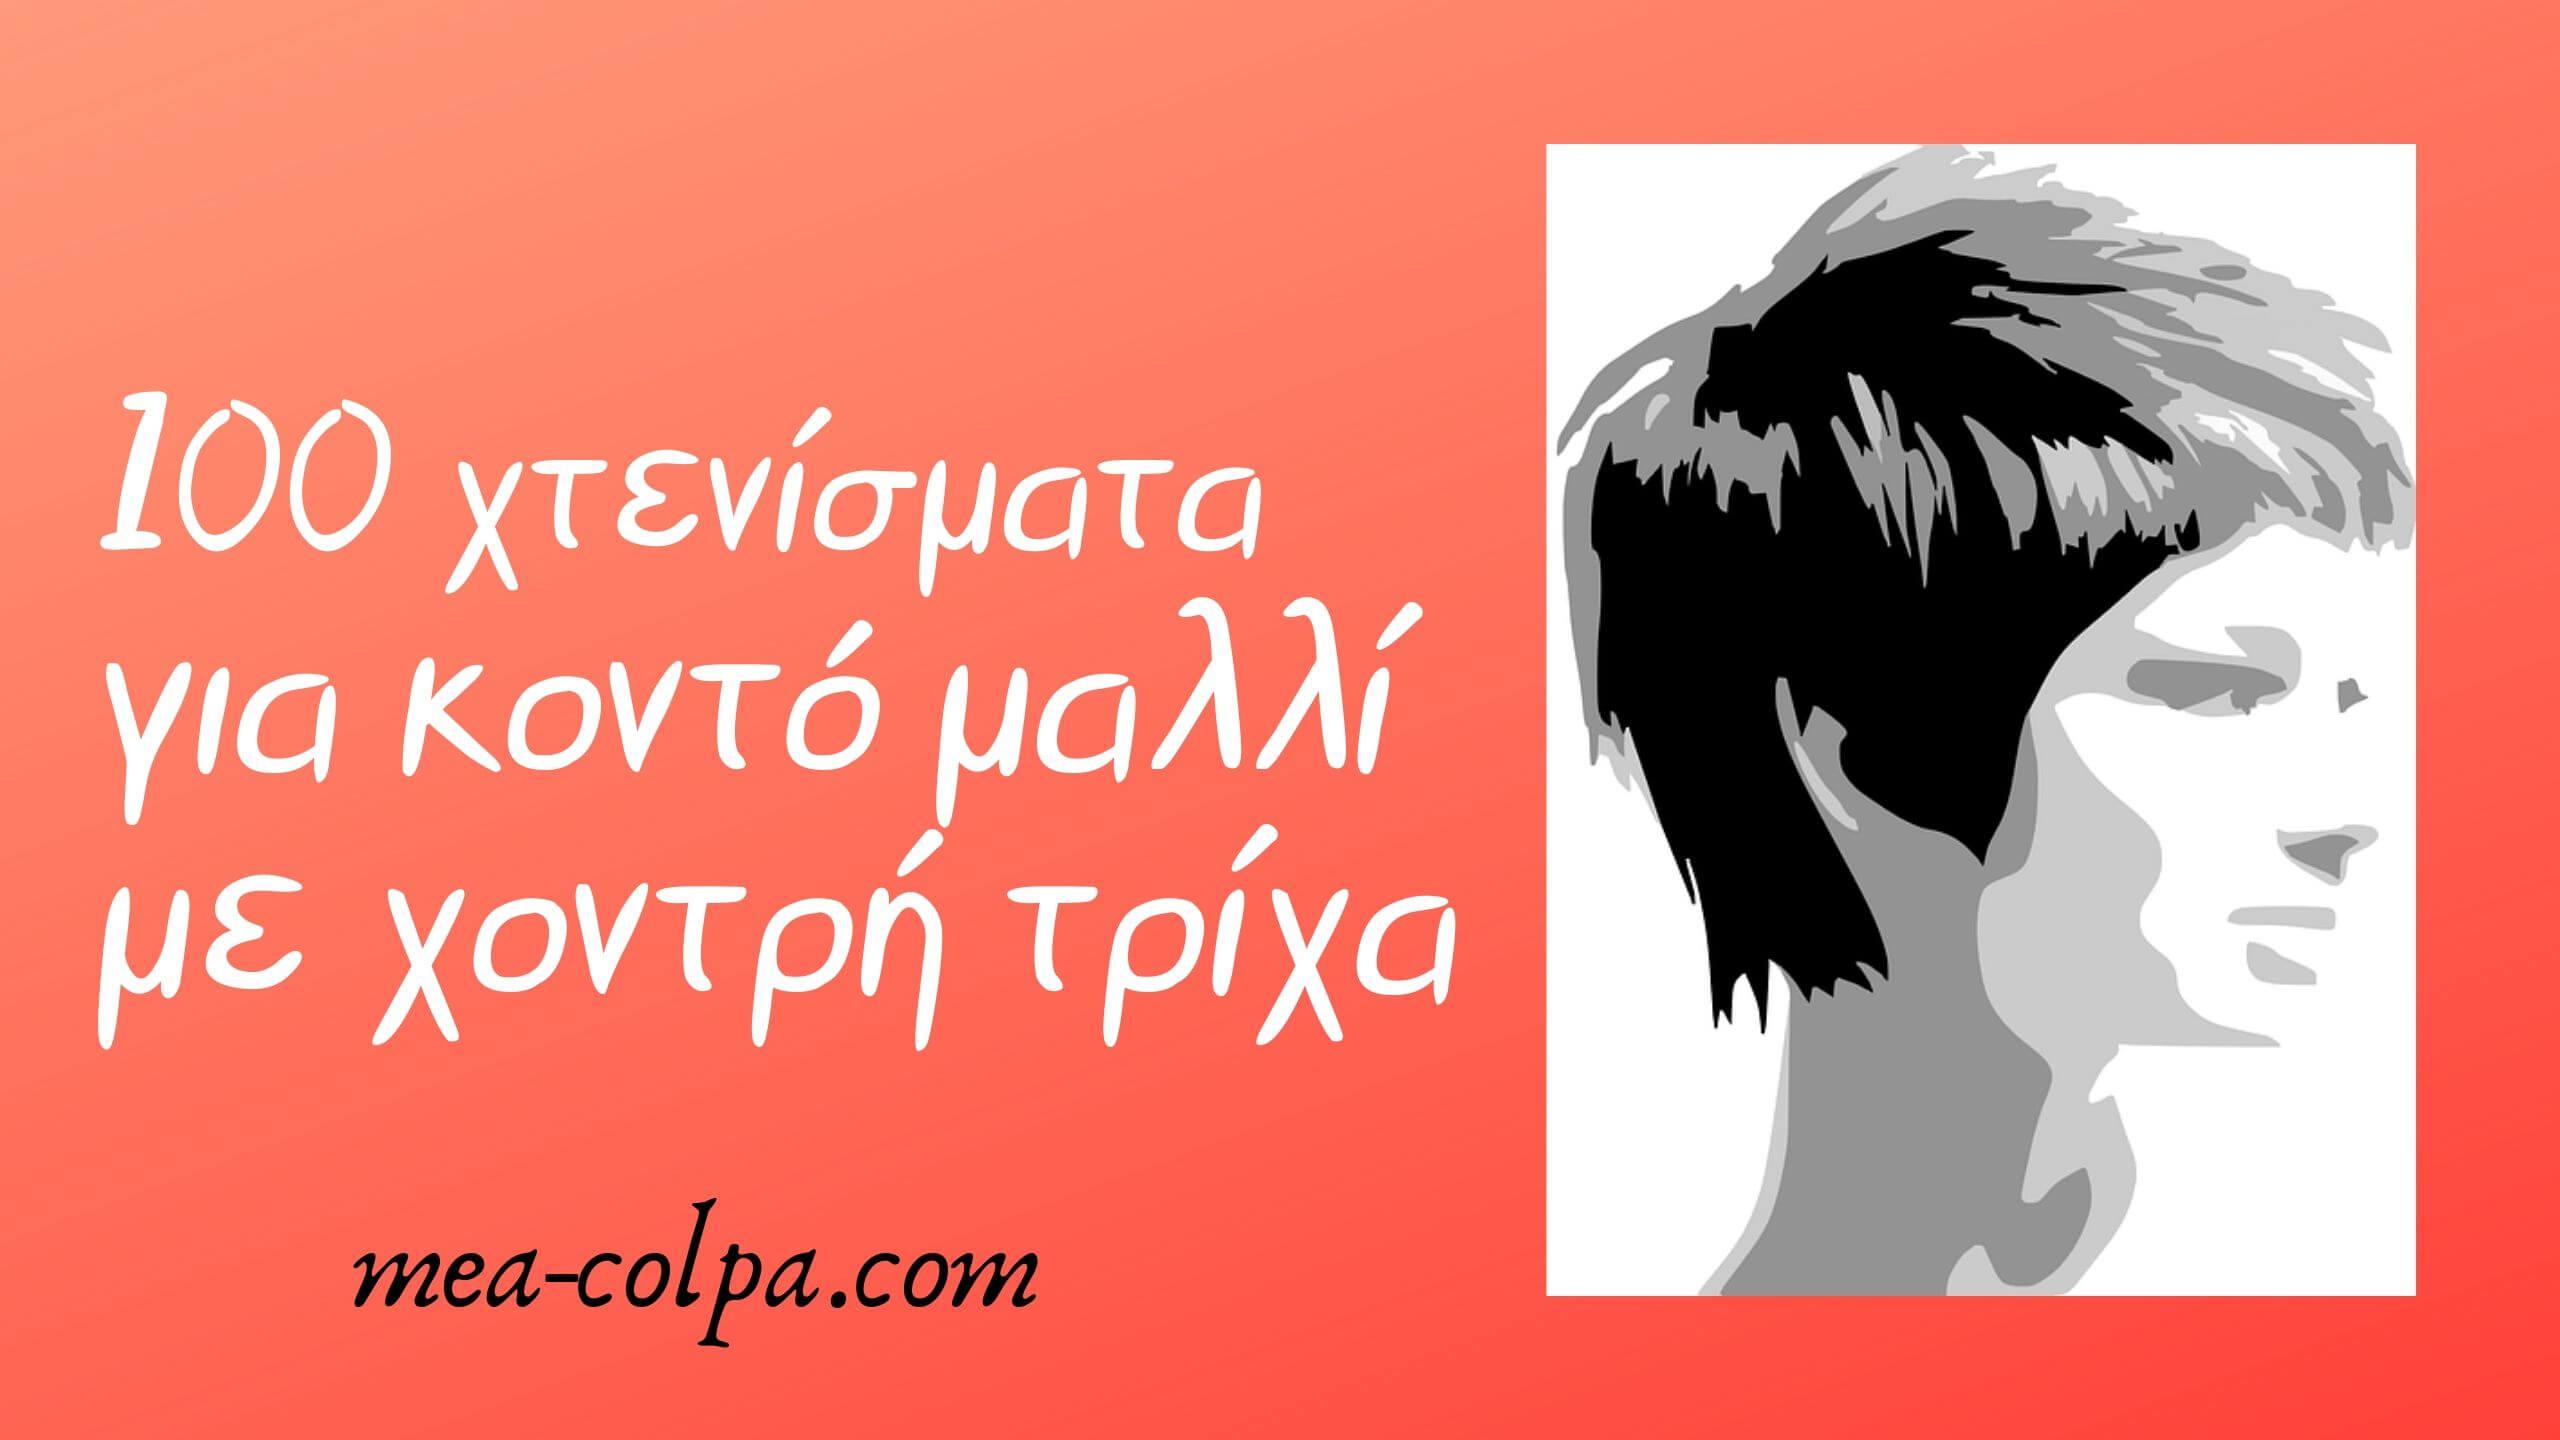 100 χτενίσματα για κοντά μαλλιά και χοντρή τρίχα